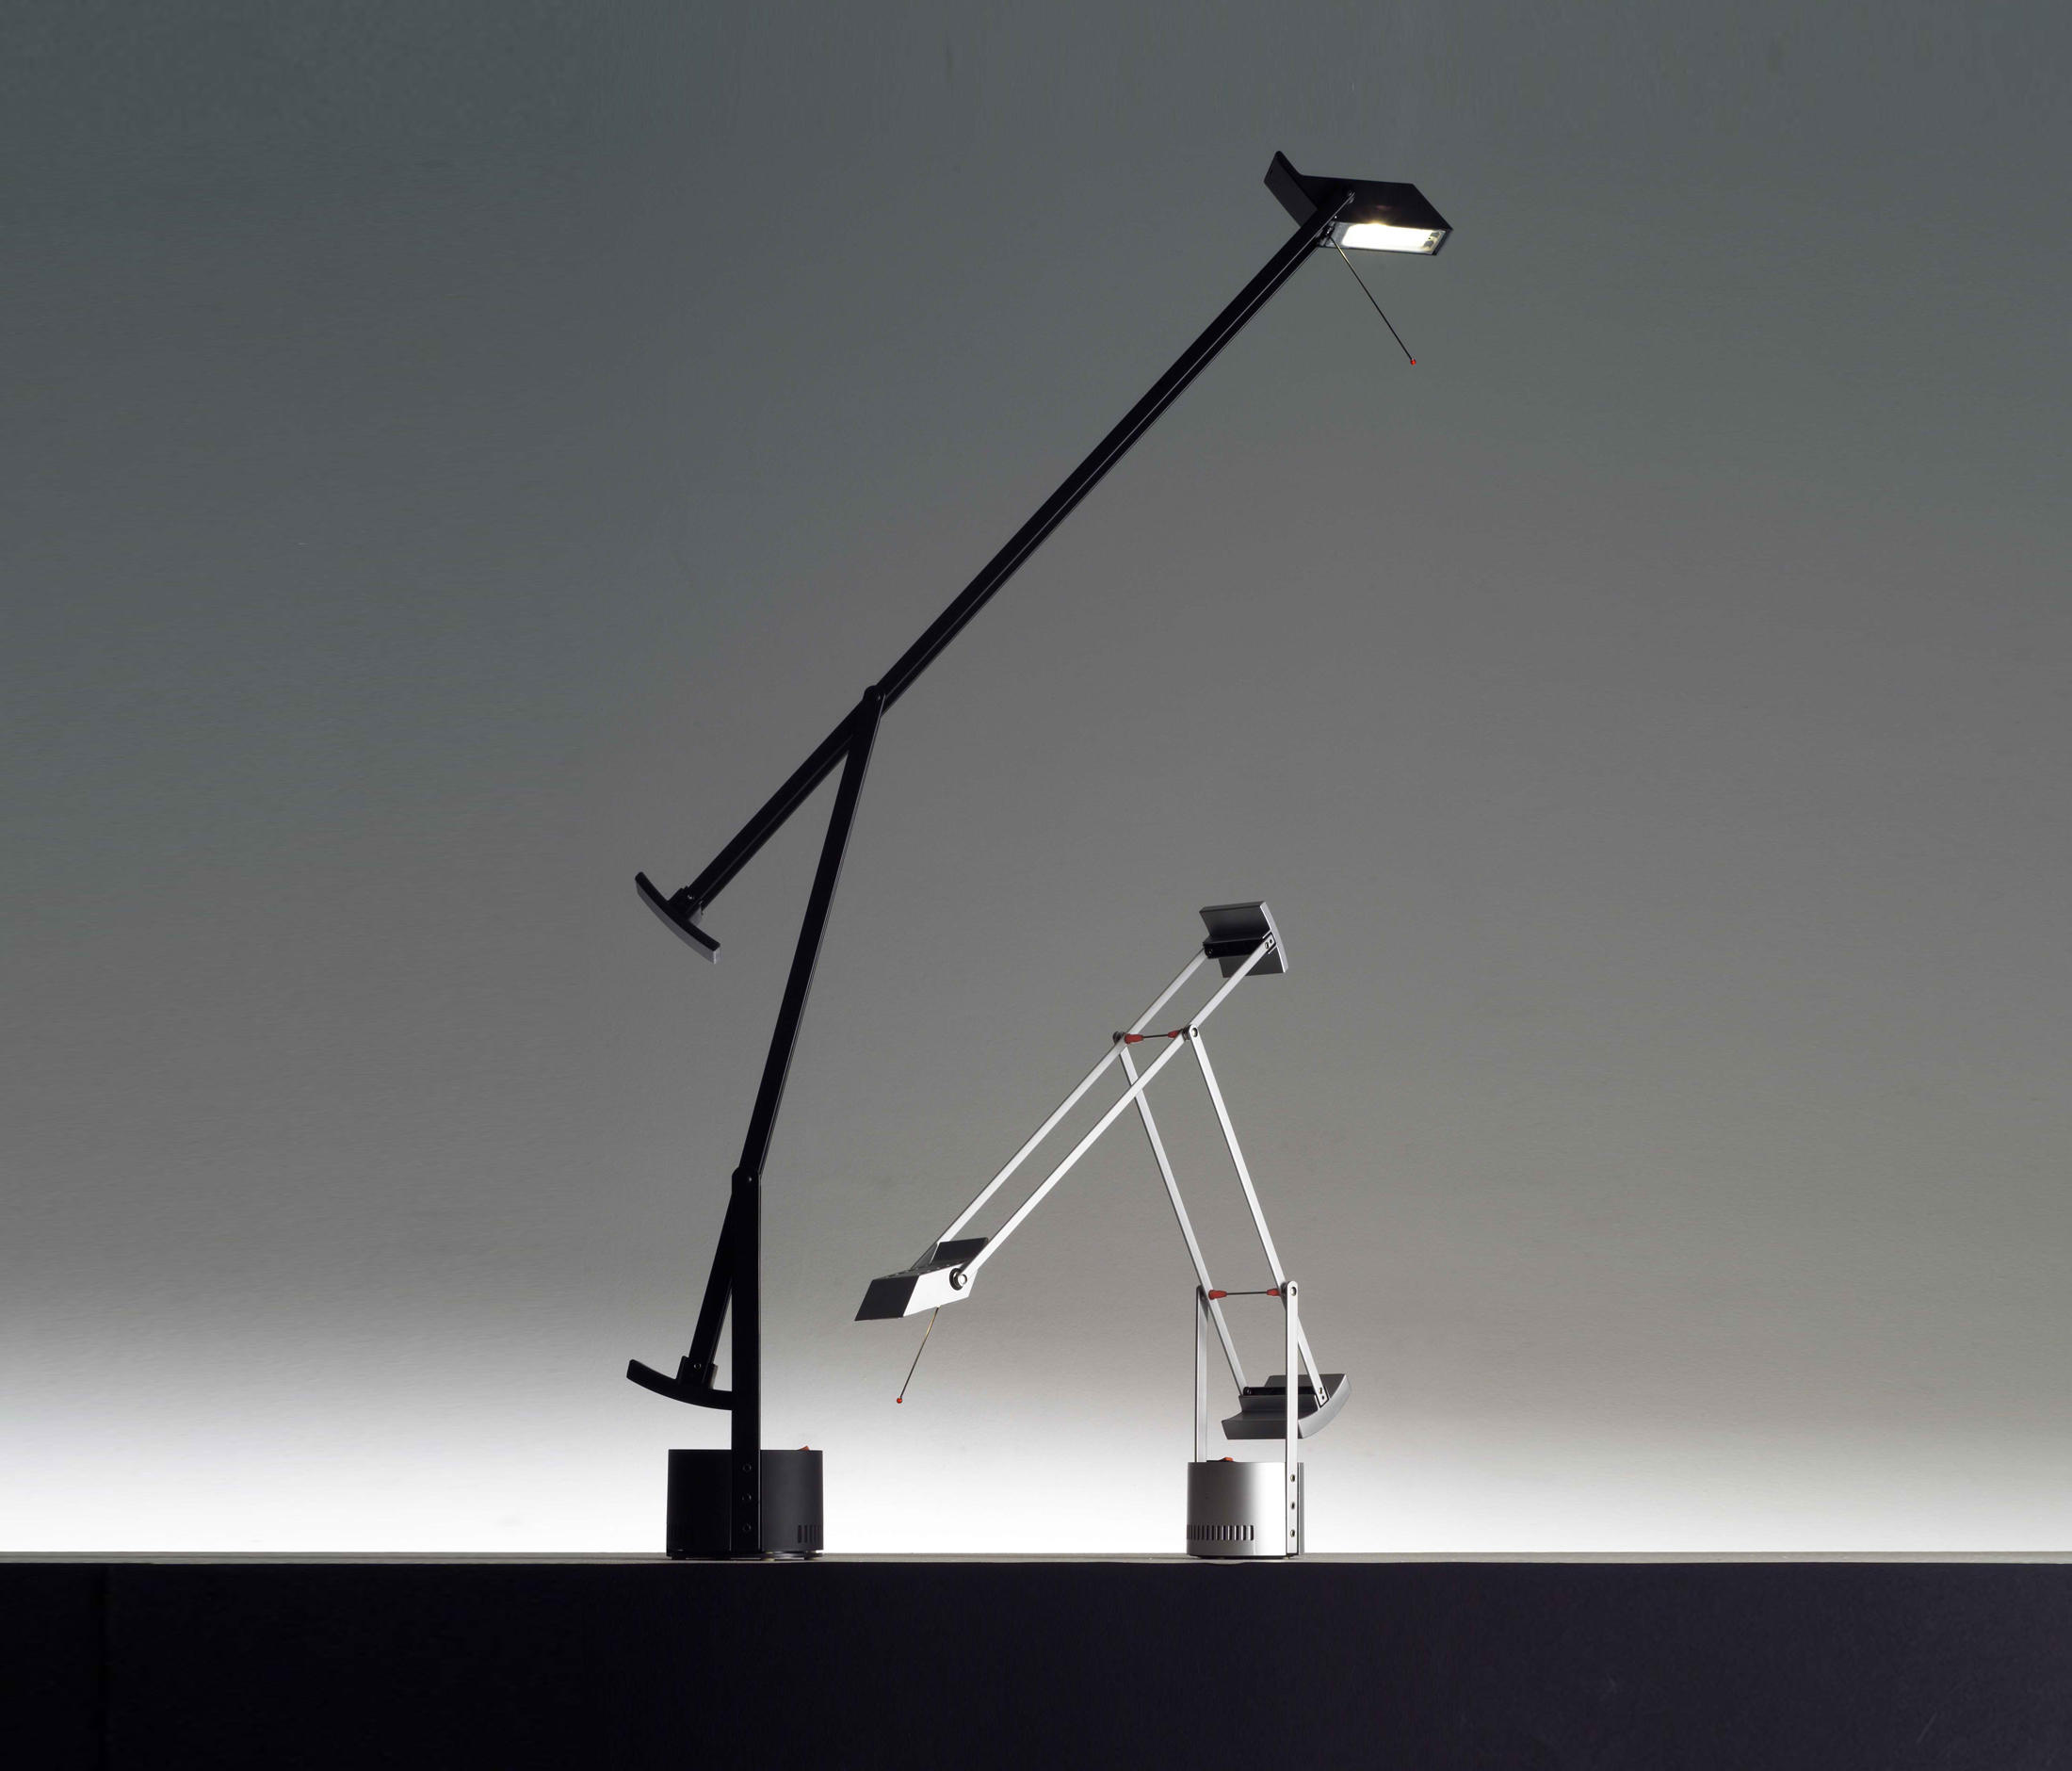 tizio lampade da tavolo lampade postazione di lavoro. Black Bedroom Furniture Sets. Home Design Ideas